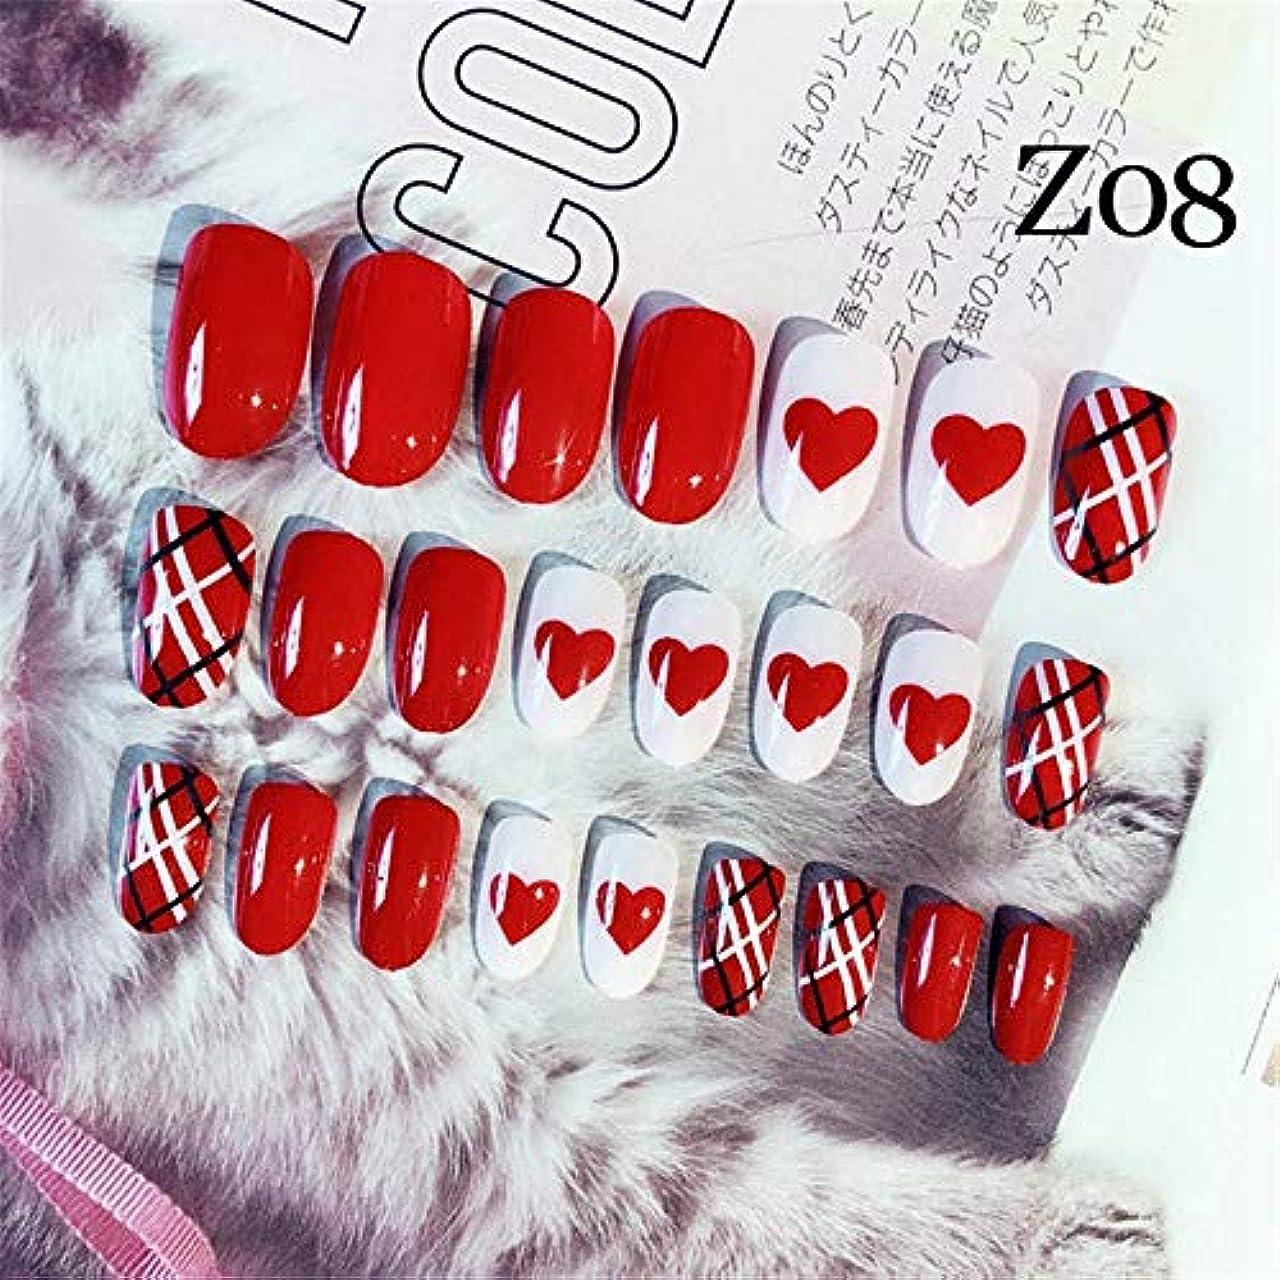 リベラル音楽家メロドラマXUTXZKA 24ピース/セットファッションマットアート偽ネイルショートラウンドフェイクネイル爪エクステンションツールネイルアートアクセサリー